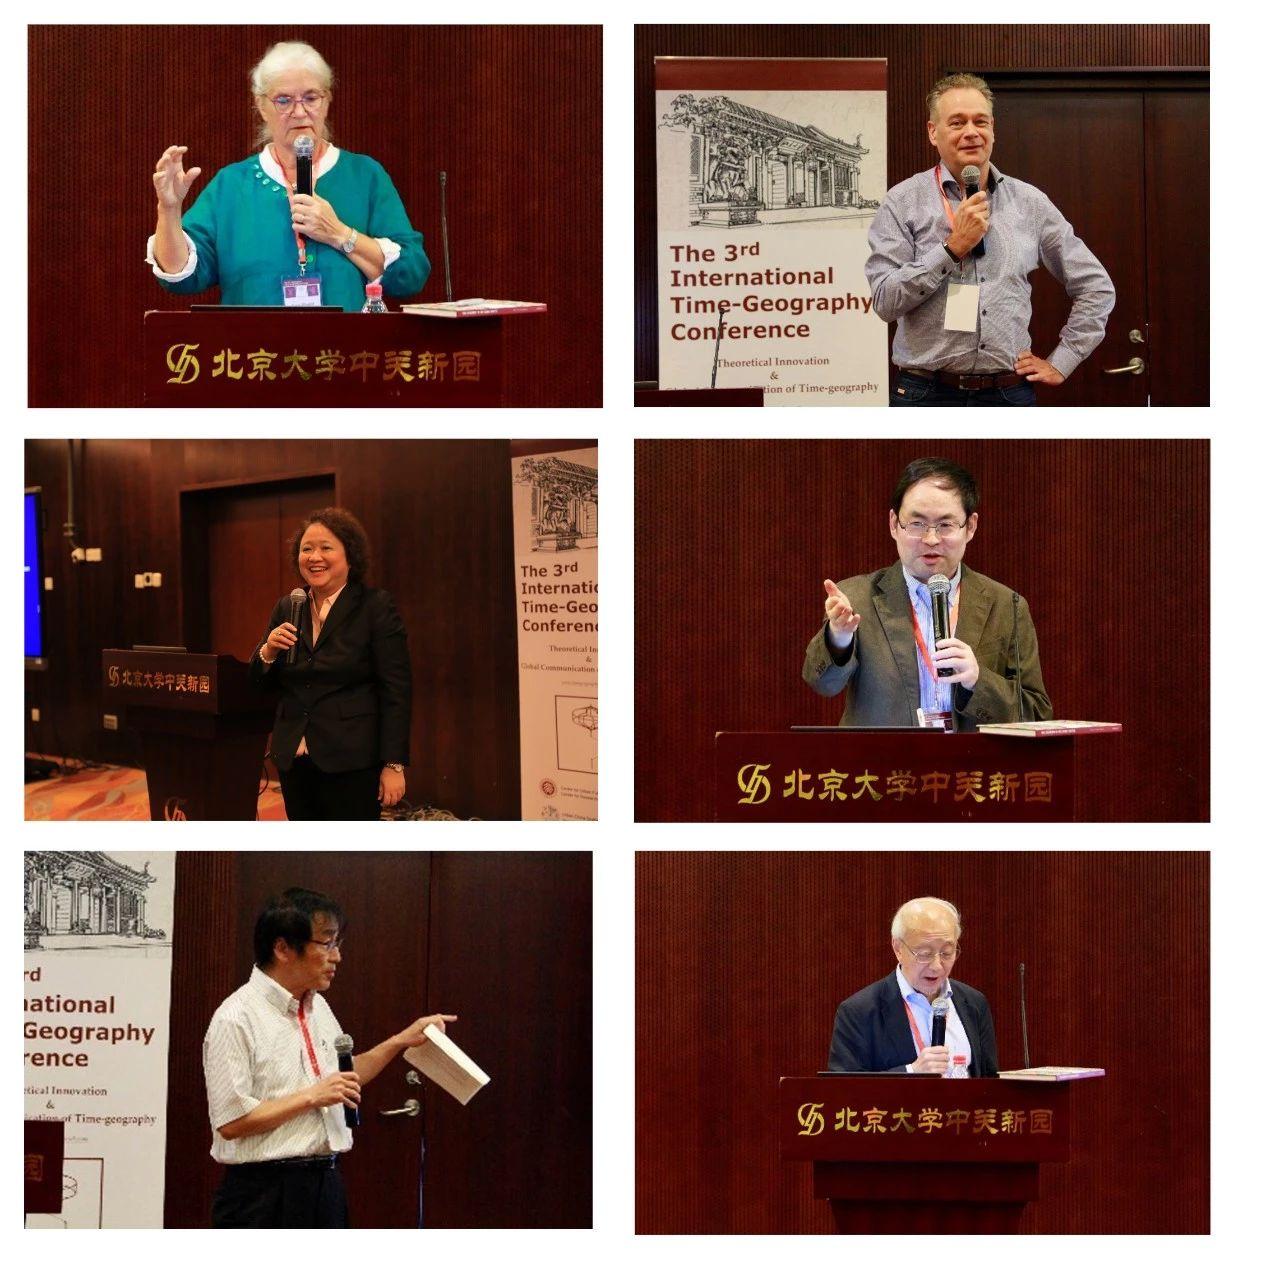 第三届时间地理学国际会议3.jpg